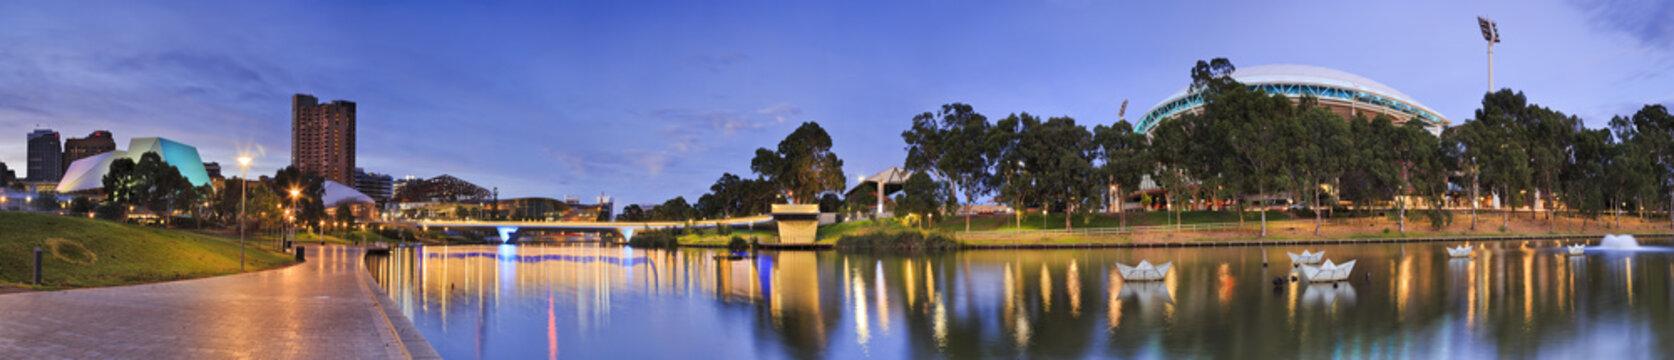 ADE River sunrise horizon panorama